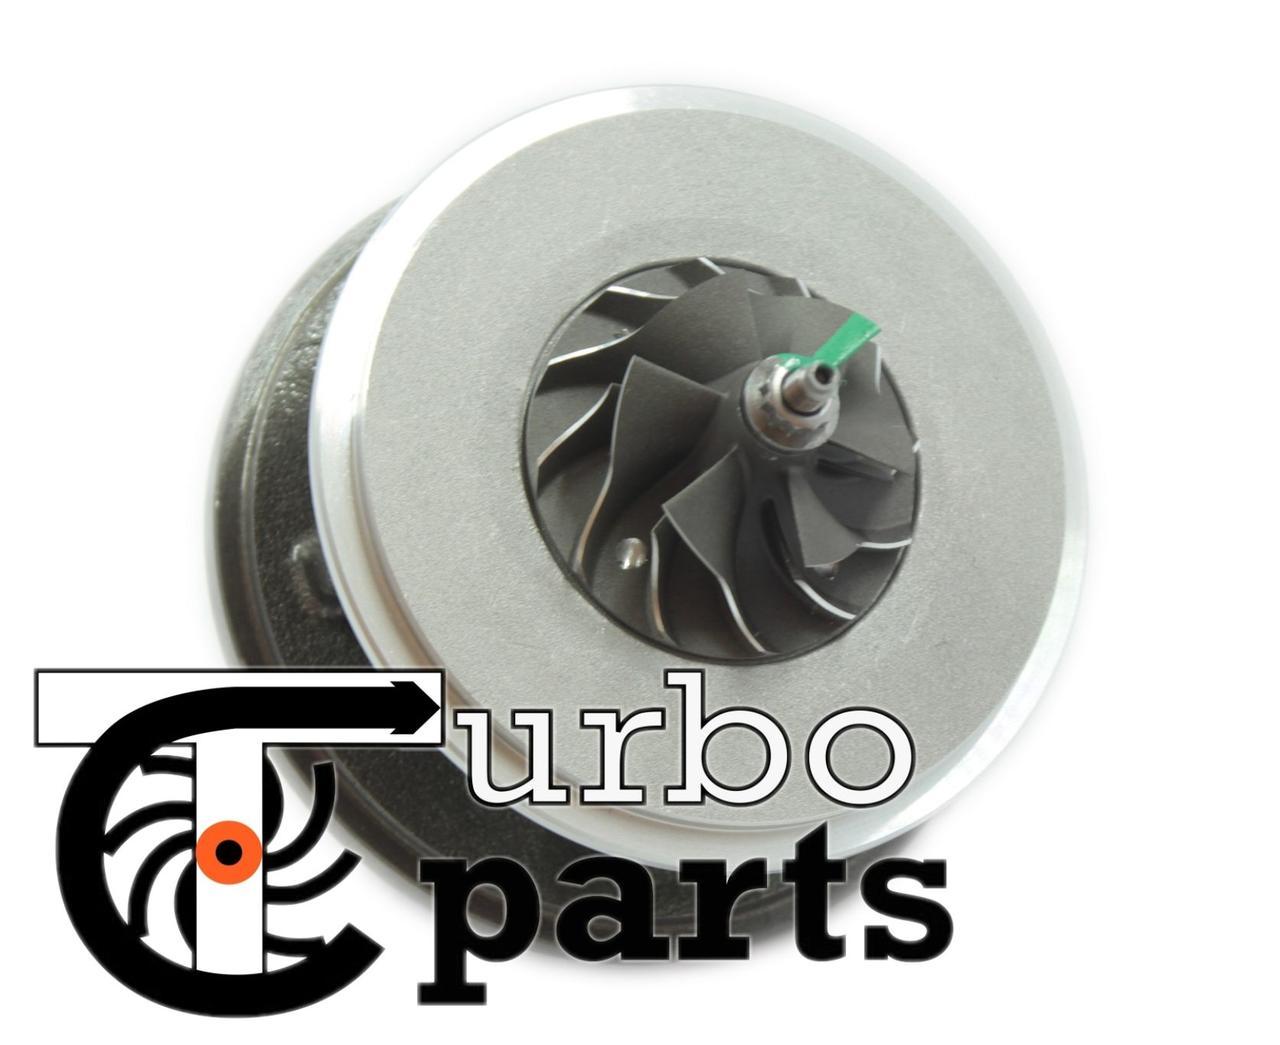 Картридж турбины Peugeot 2.0HDi 307/ 308/ 407/ 508/ 607 от 2000 г.в. 756047-0004, 756047-0002, 753556-0002